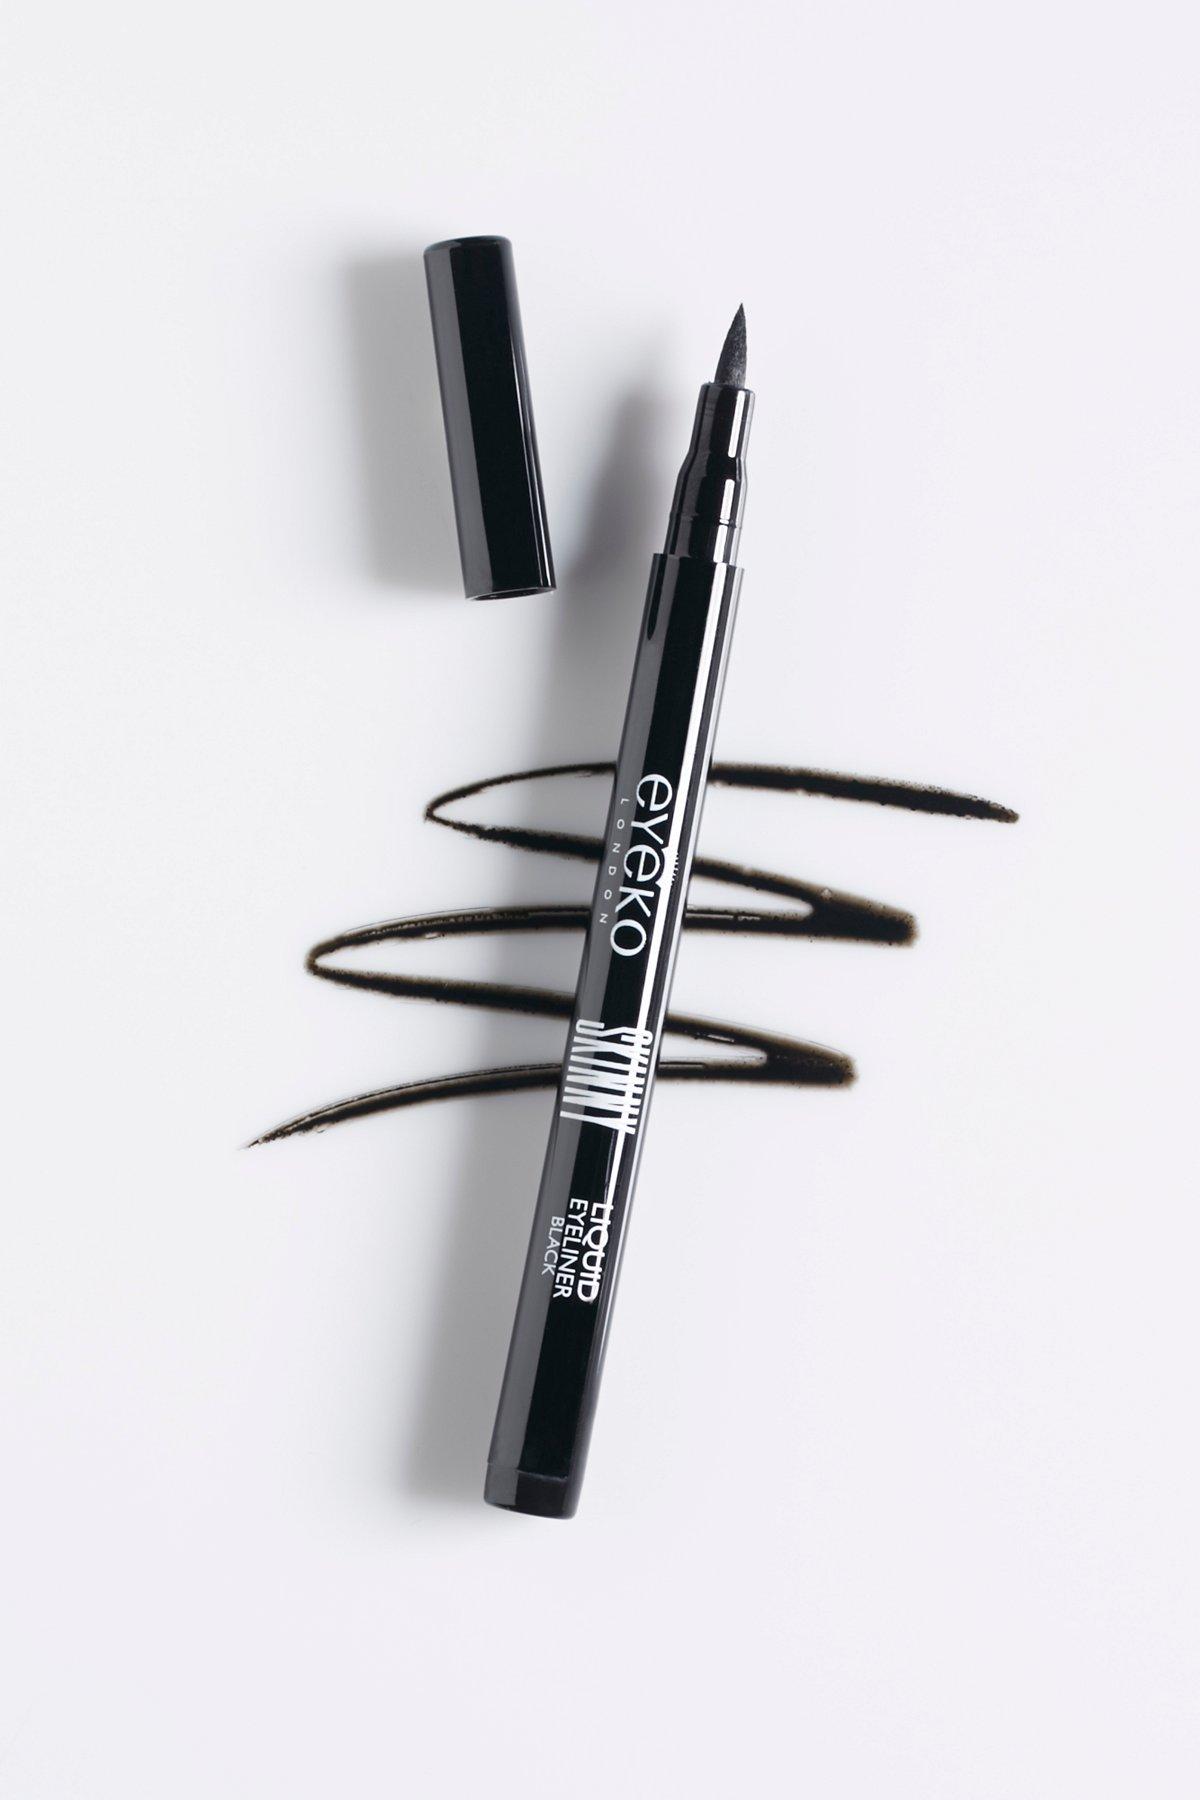 Eyeko Skinny Liquid Eyeliner Black